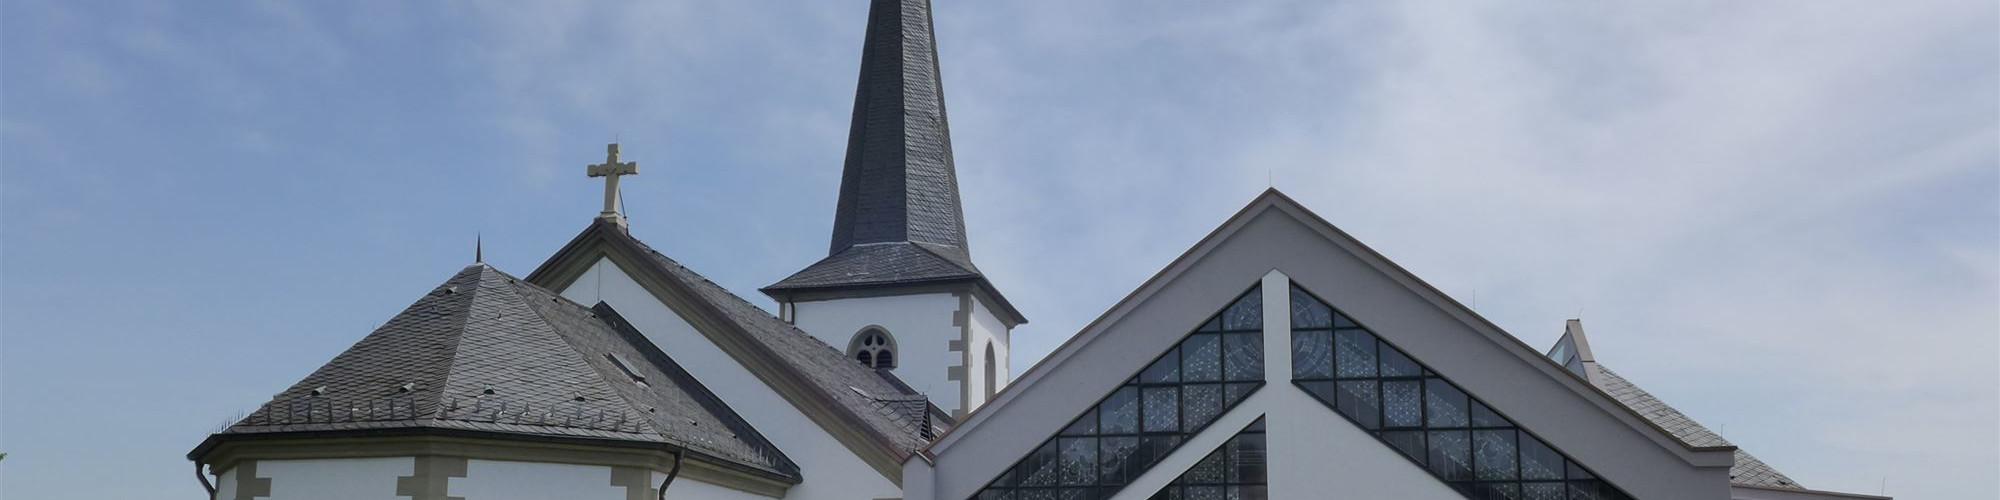 Kirche Oberwerrn - Ansicht vom Friedhof-sld